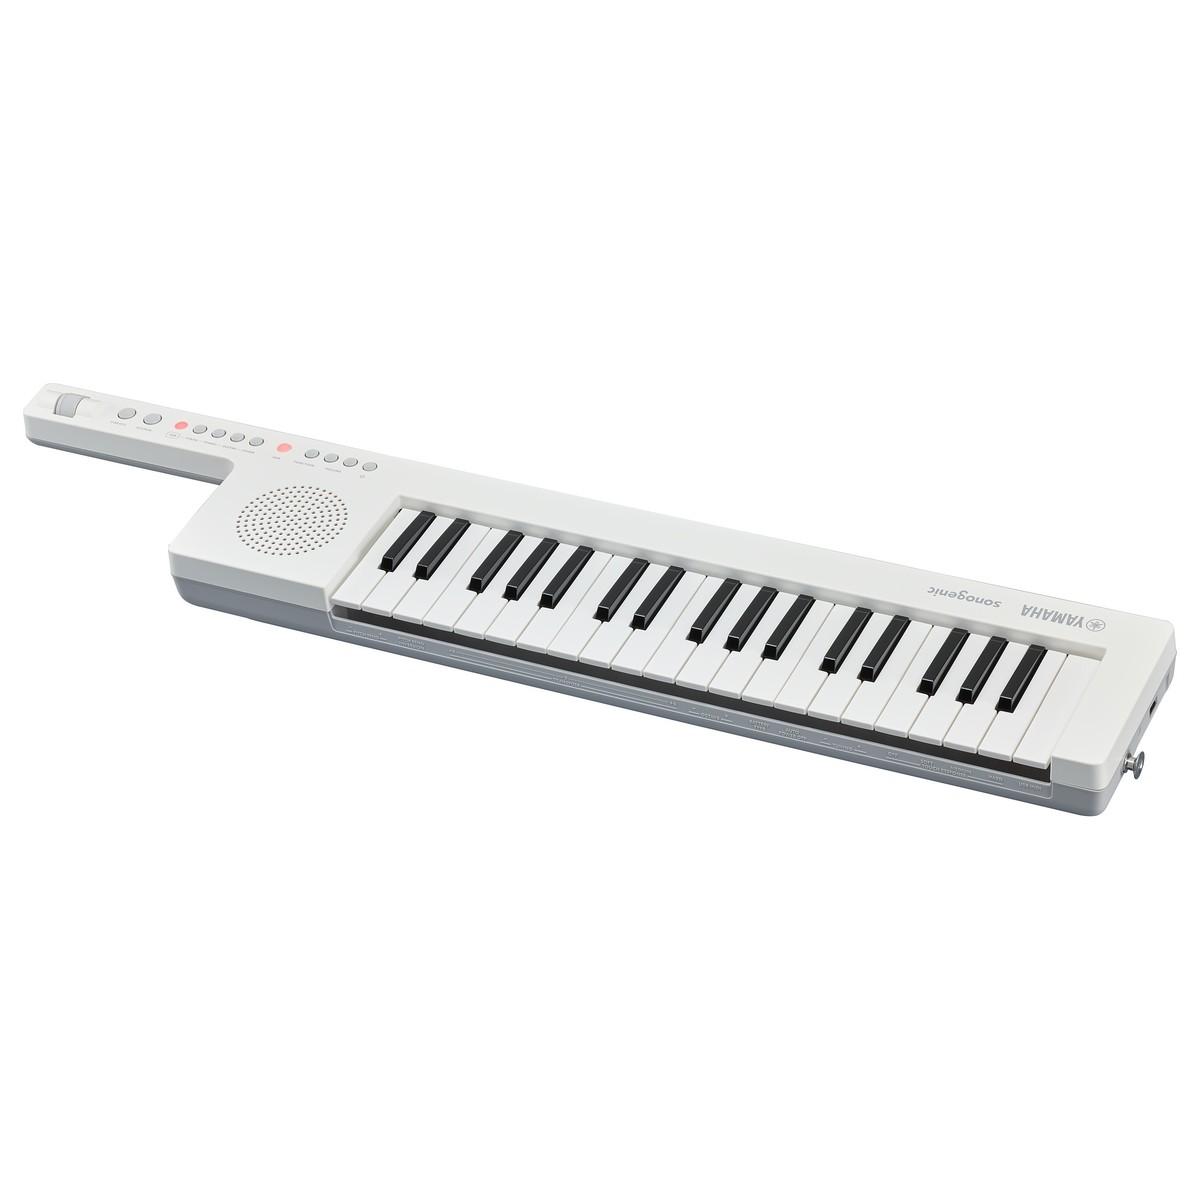 Yamaha Shs 300 Sonogenic Keytar White At Gear4music